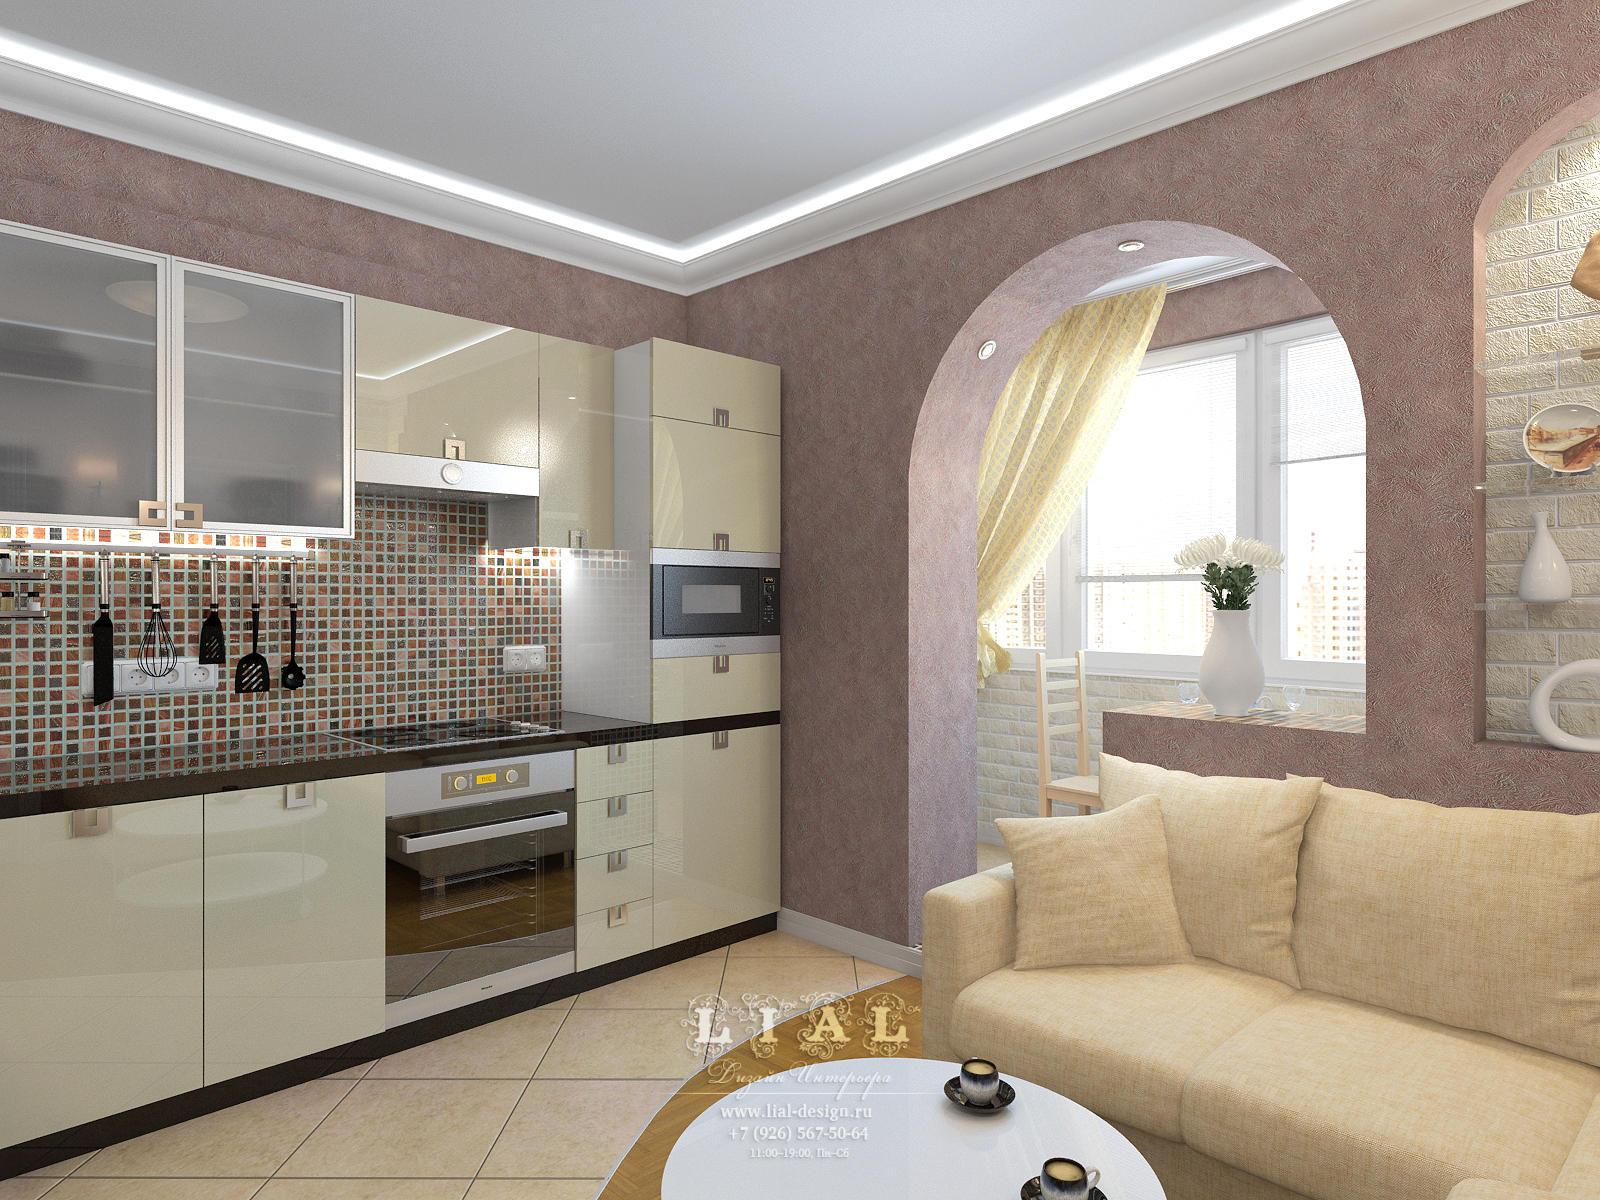 Интересный дизайн кухни столовой в загородном доме фото